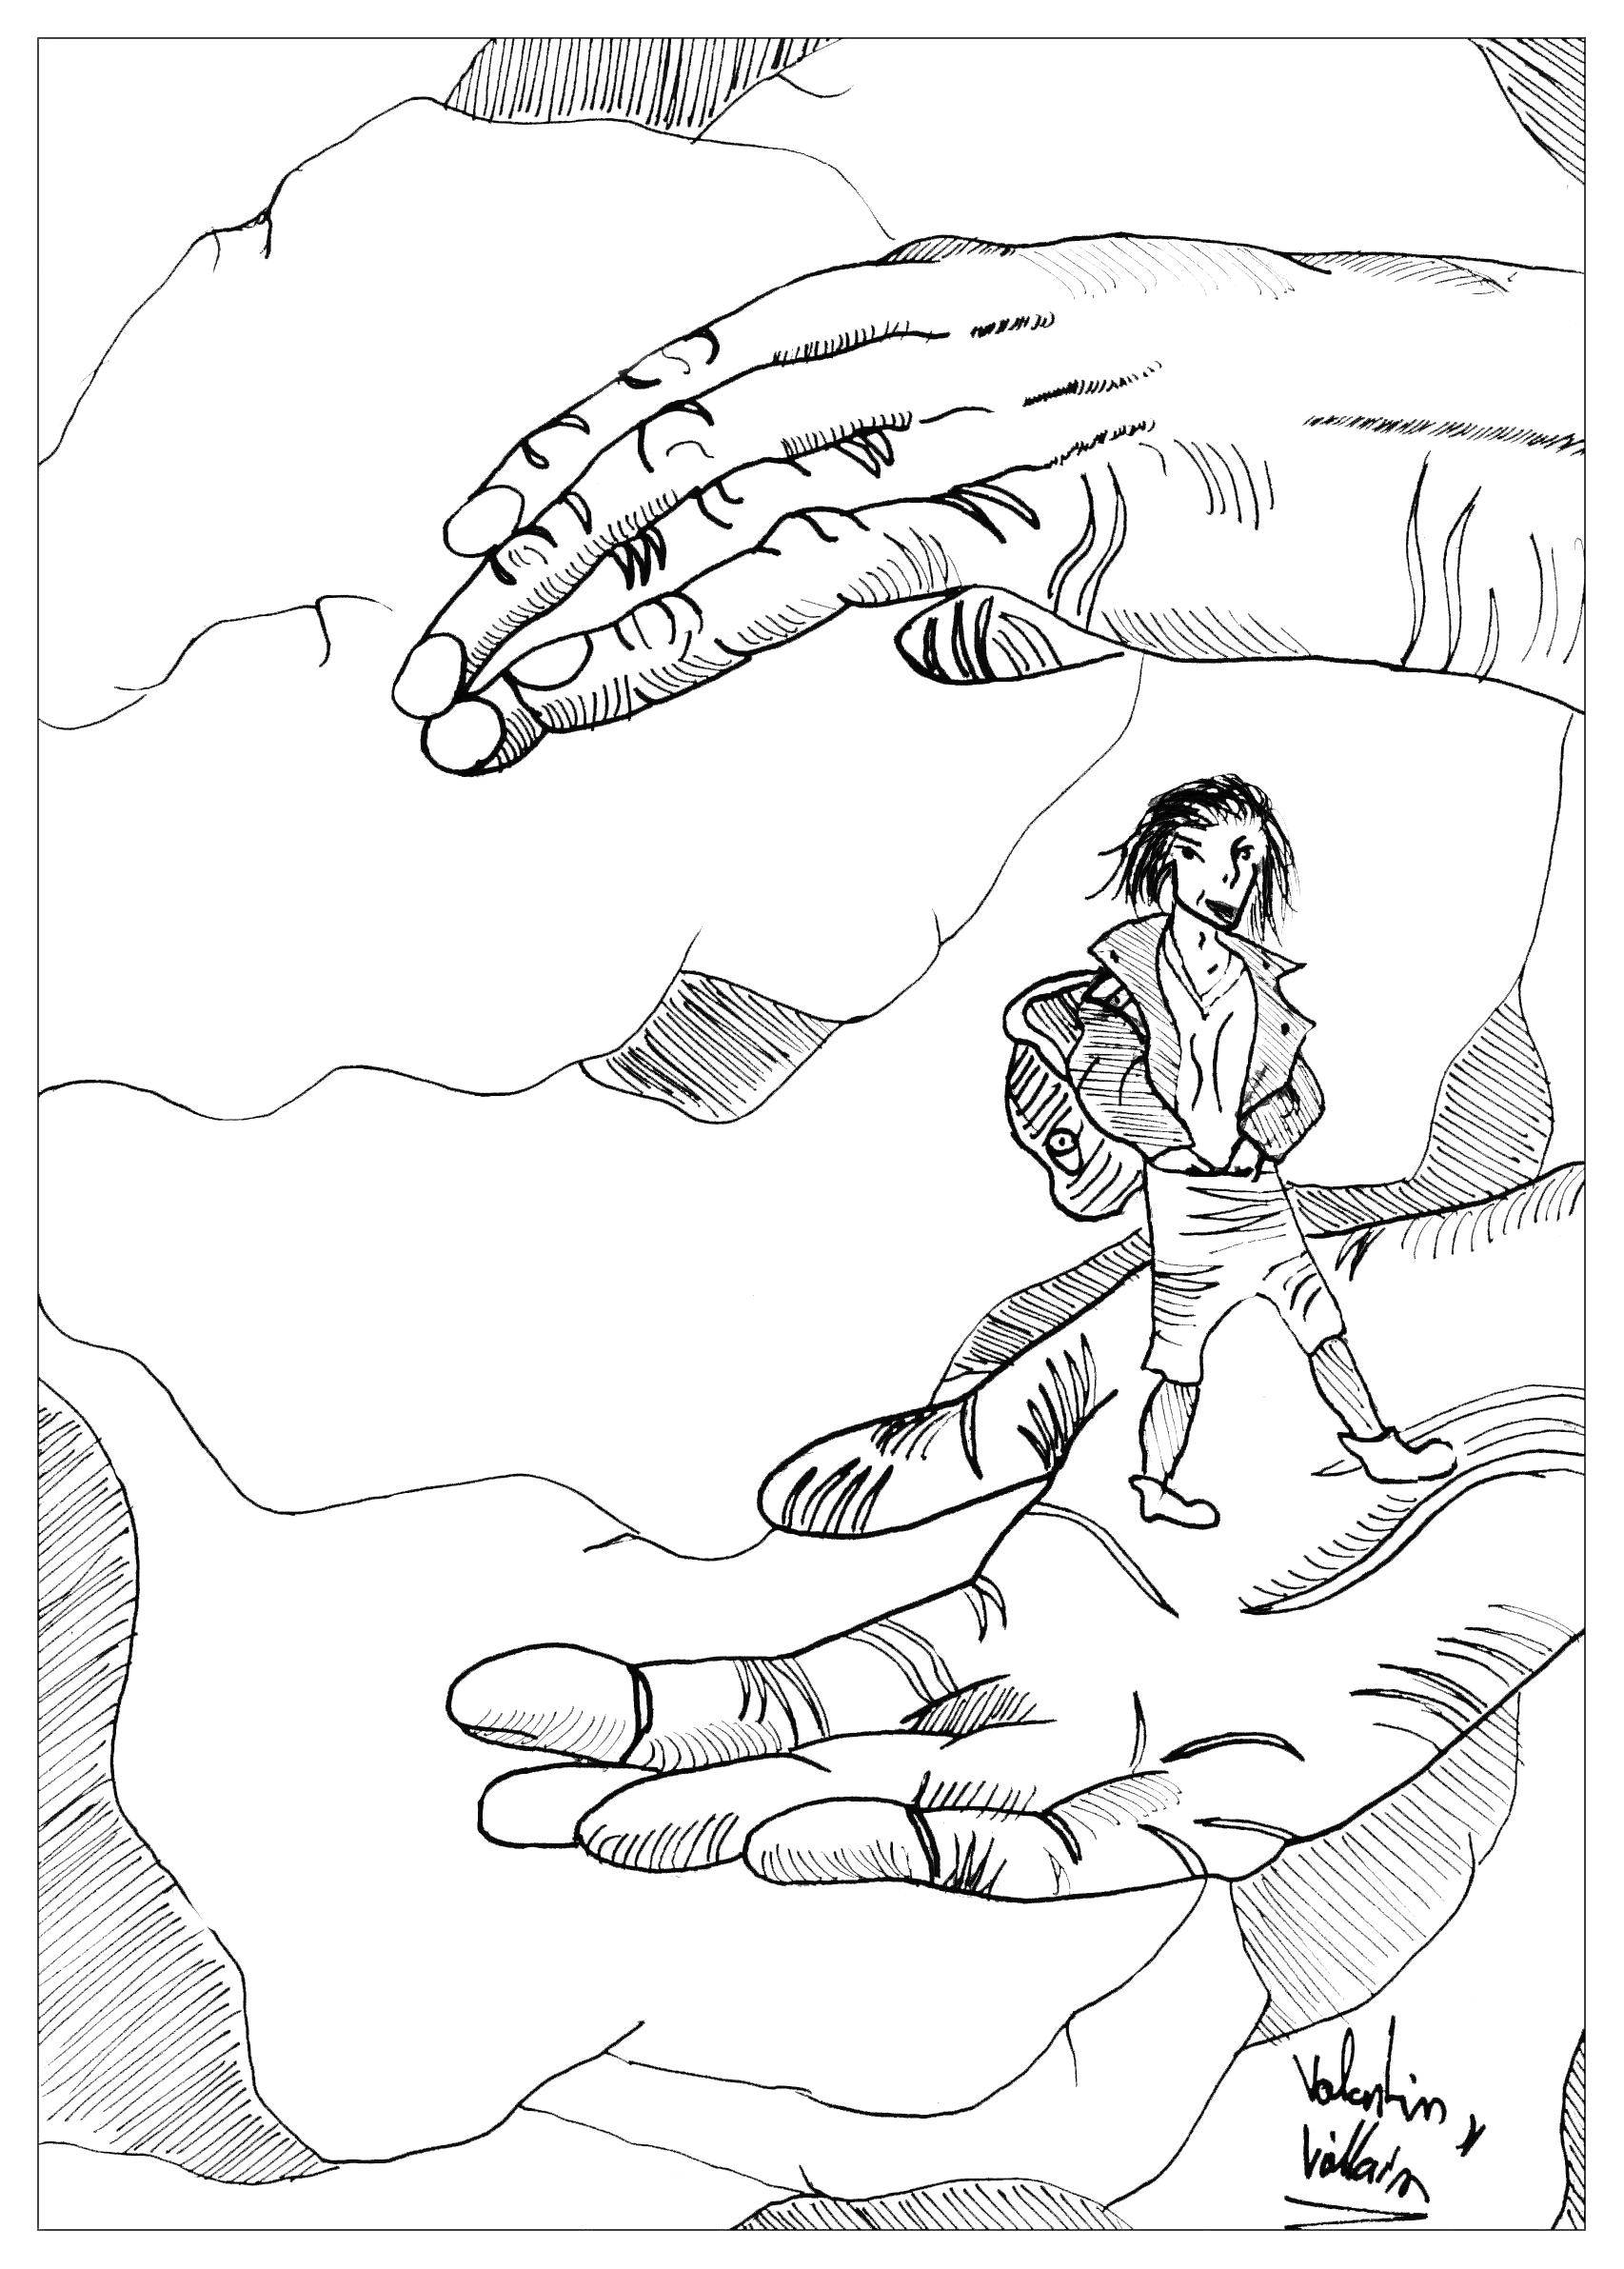 Nous vous présentons le coloriage de Tom Pouce, l'un des personnage des contes de Grimm les plus populaires.